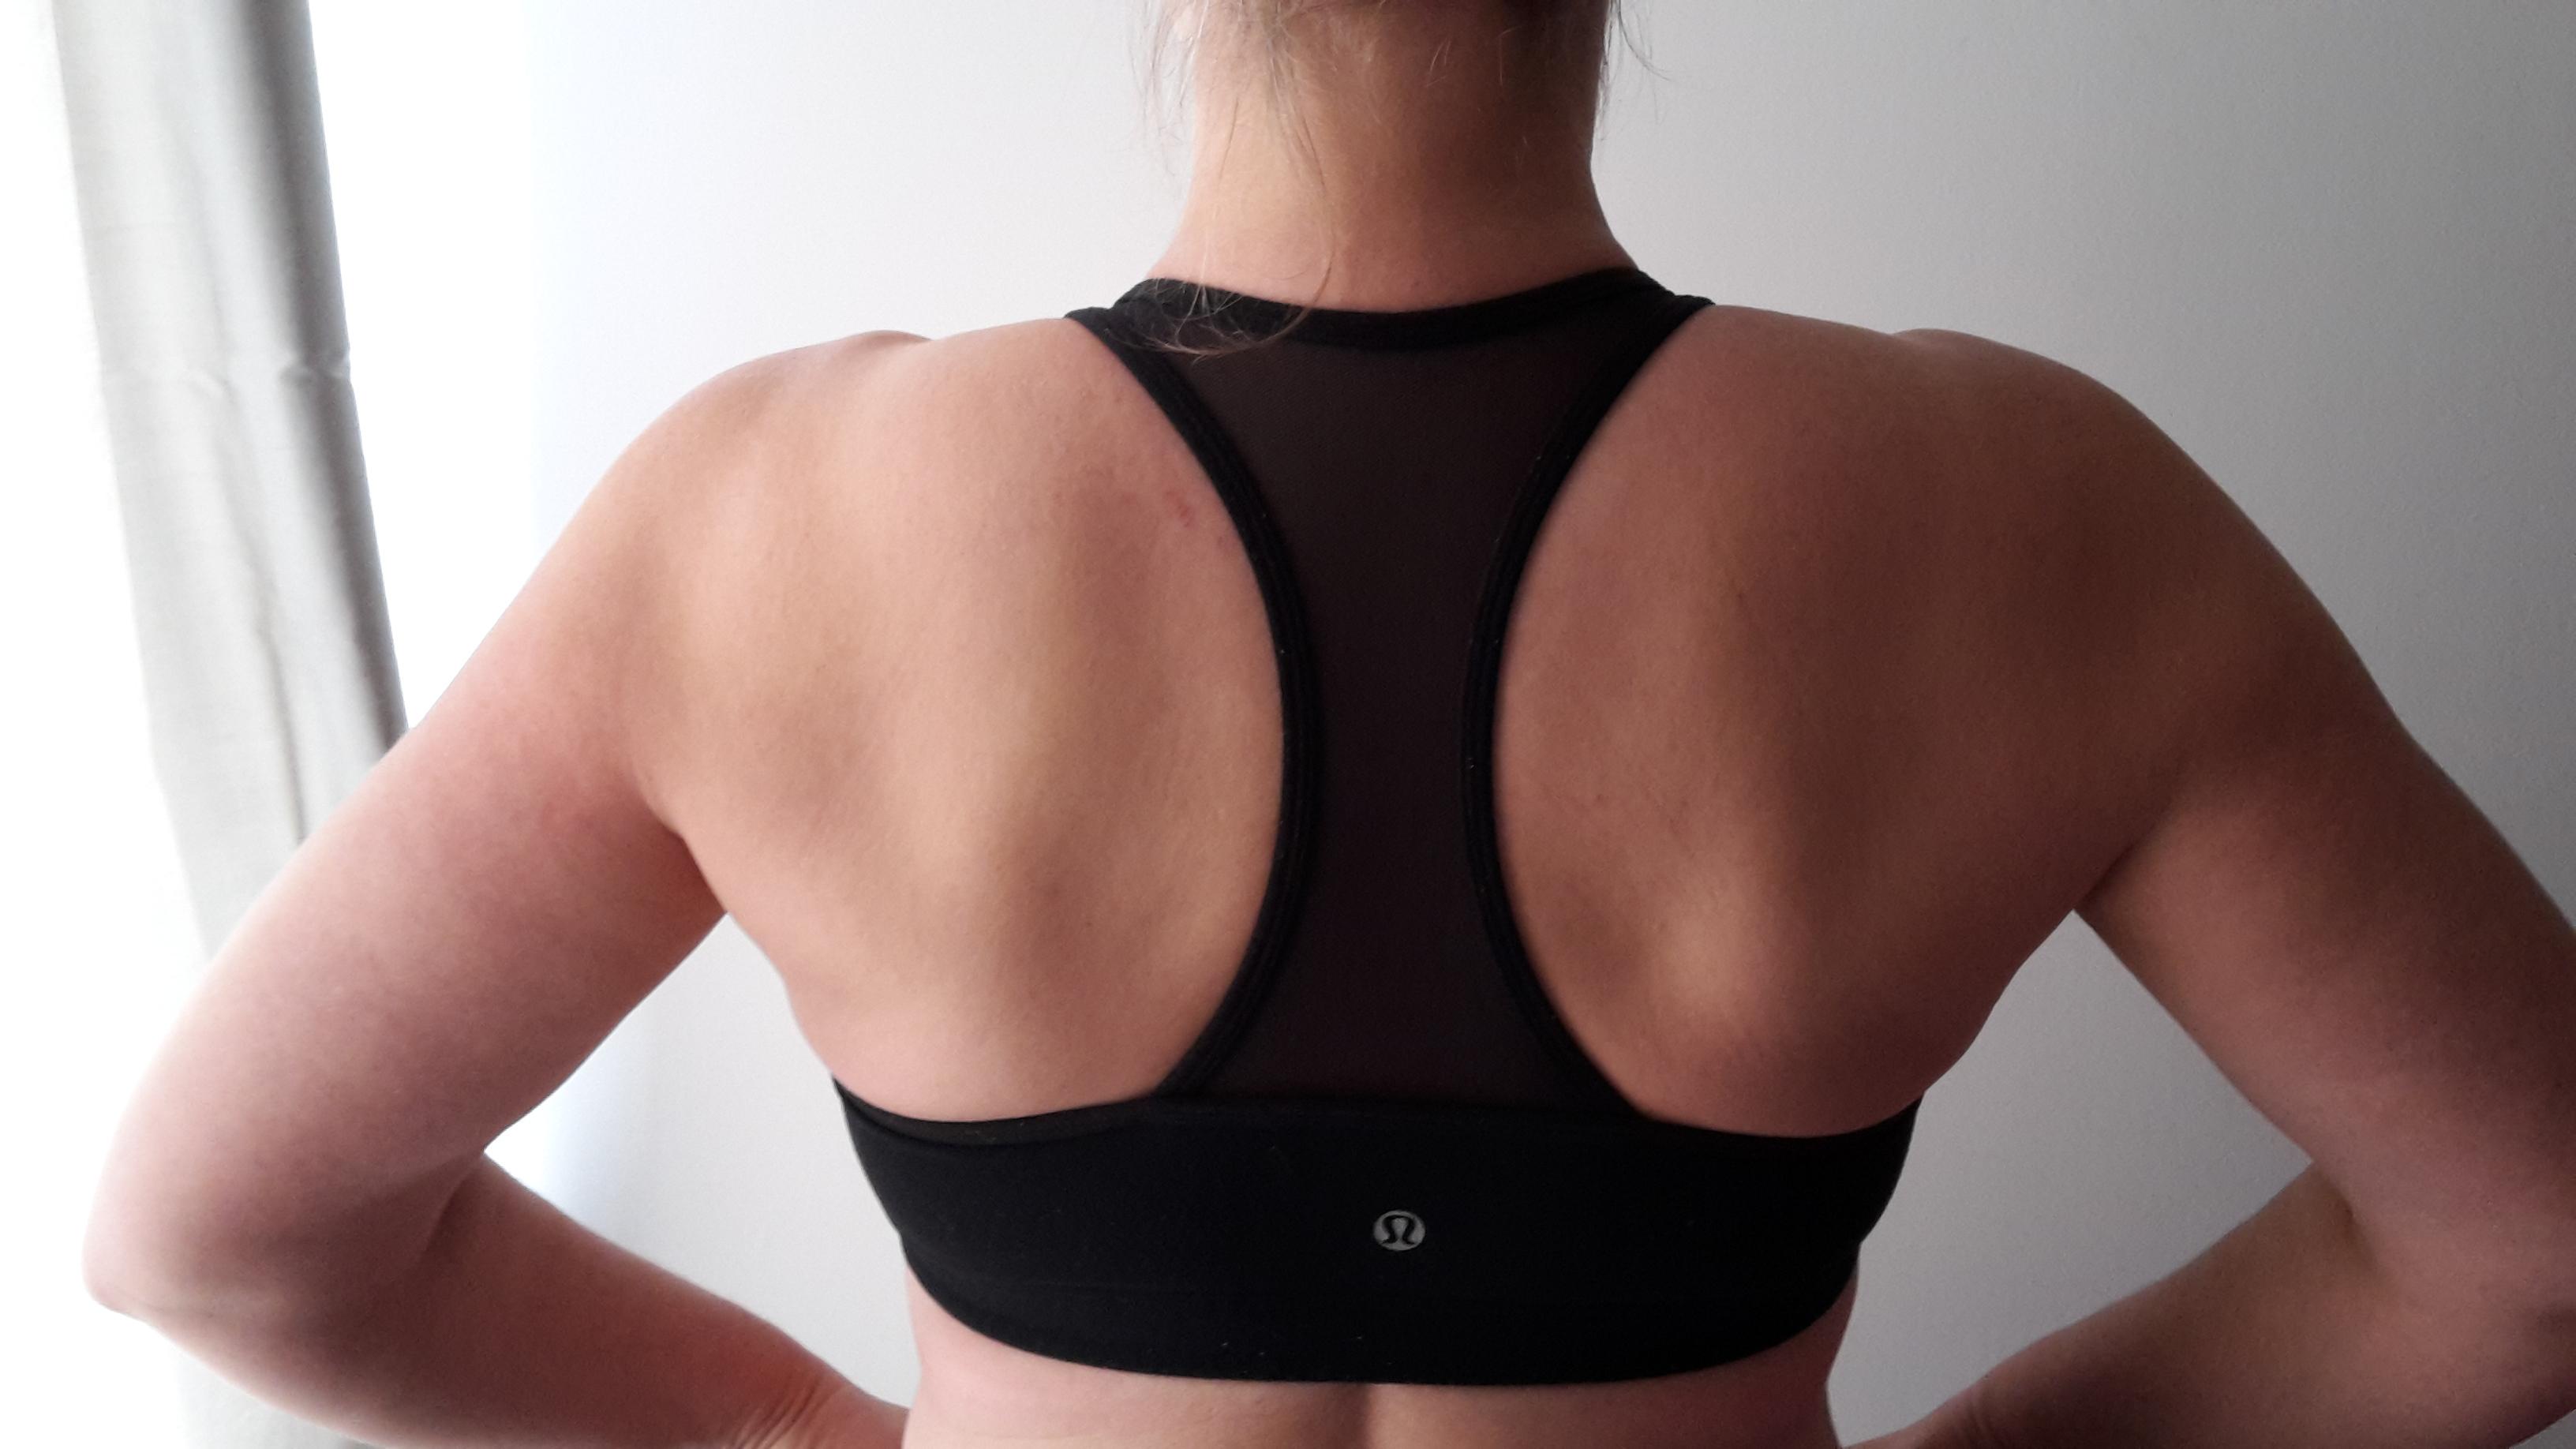 Racer back style sports bra